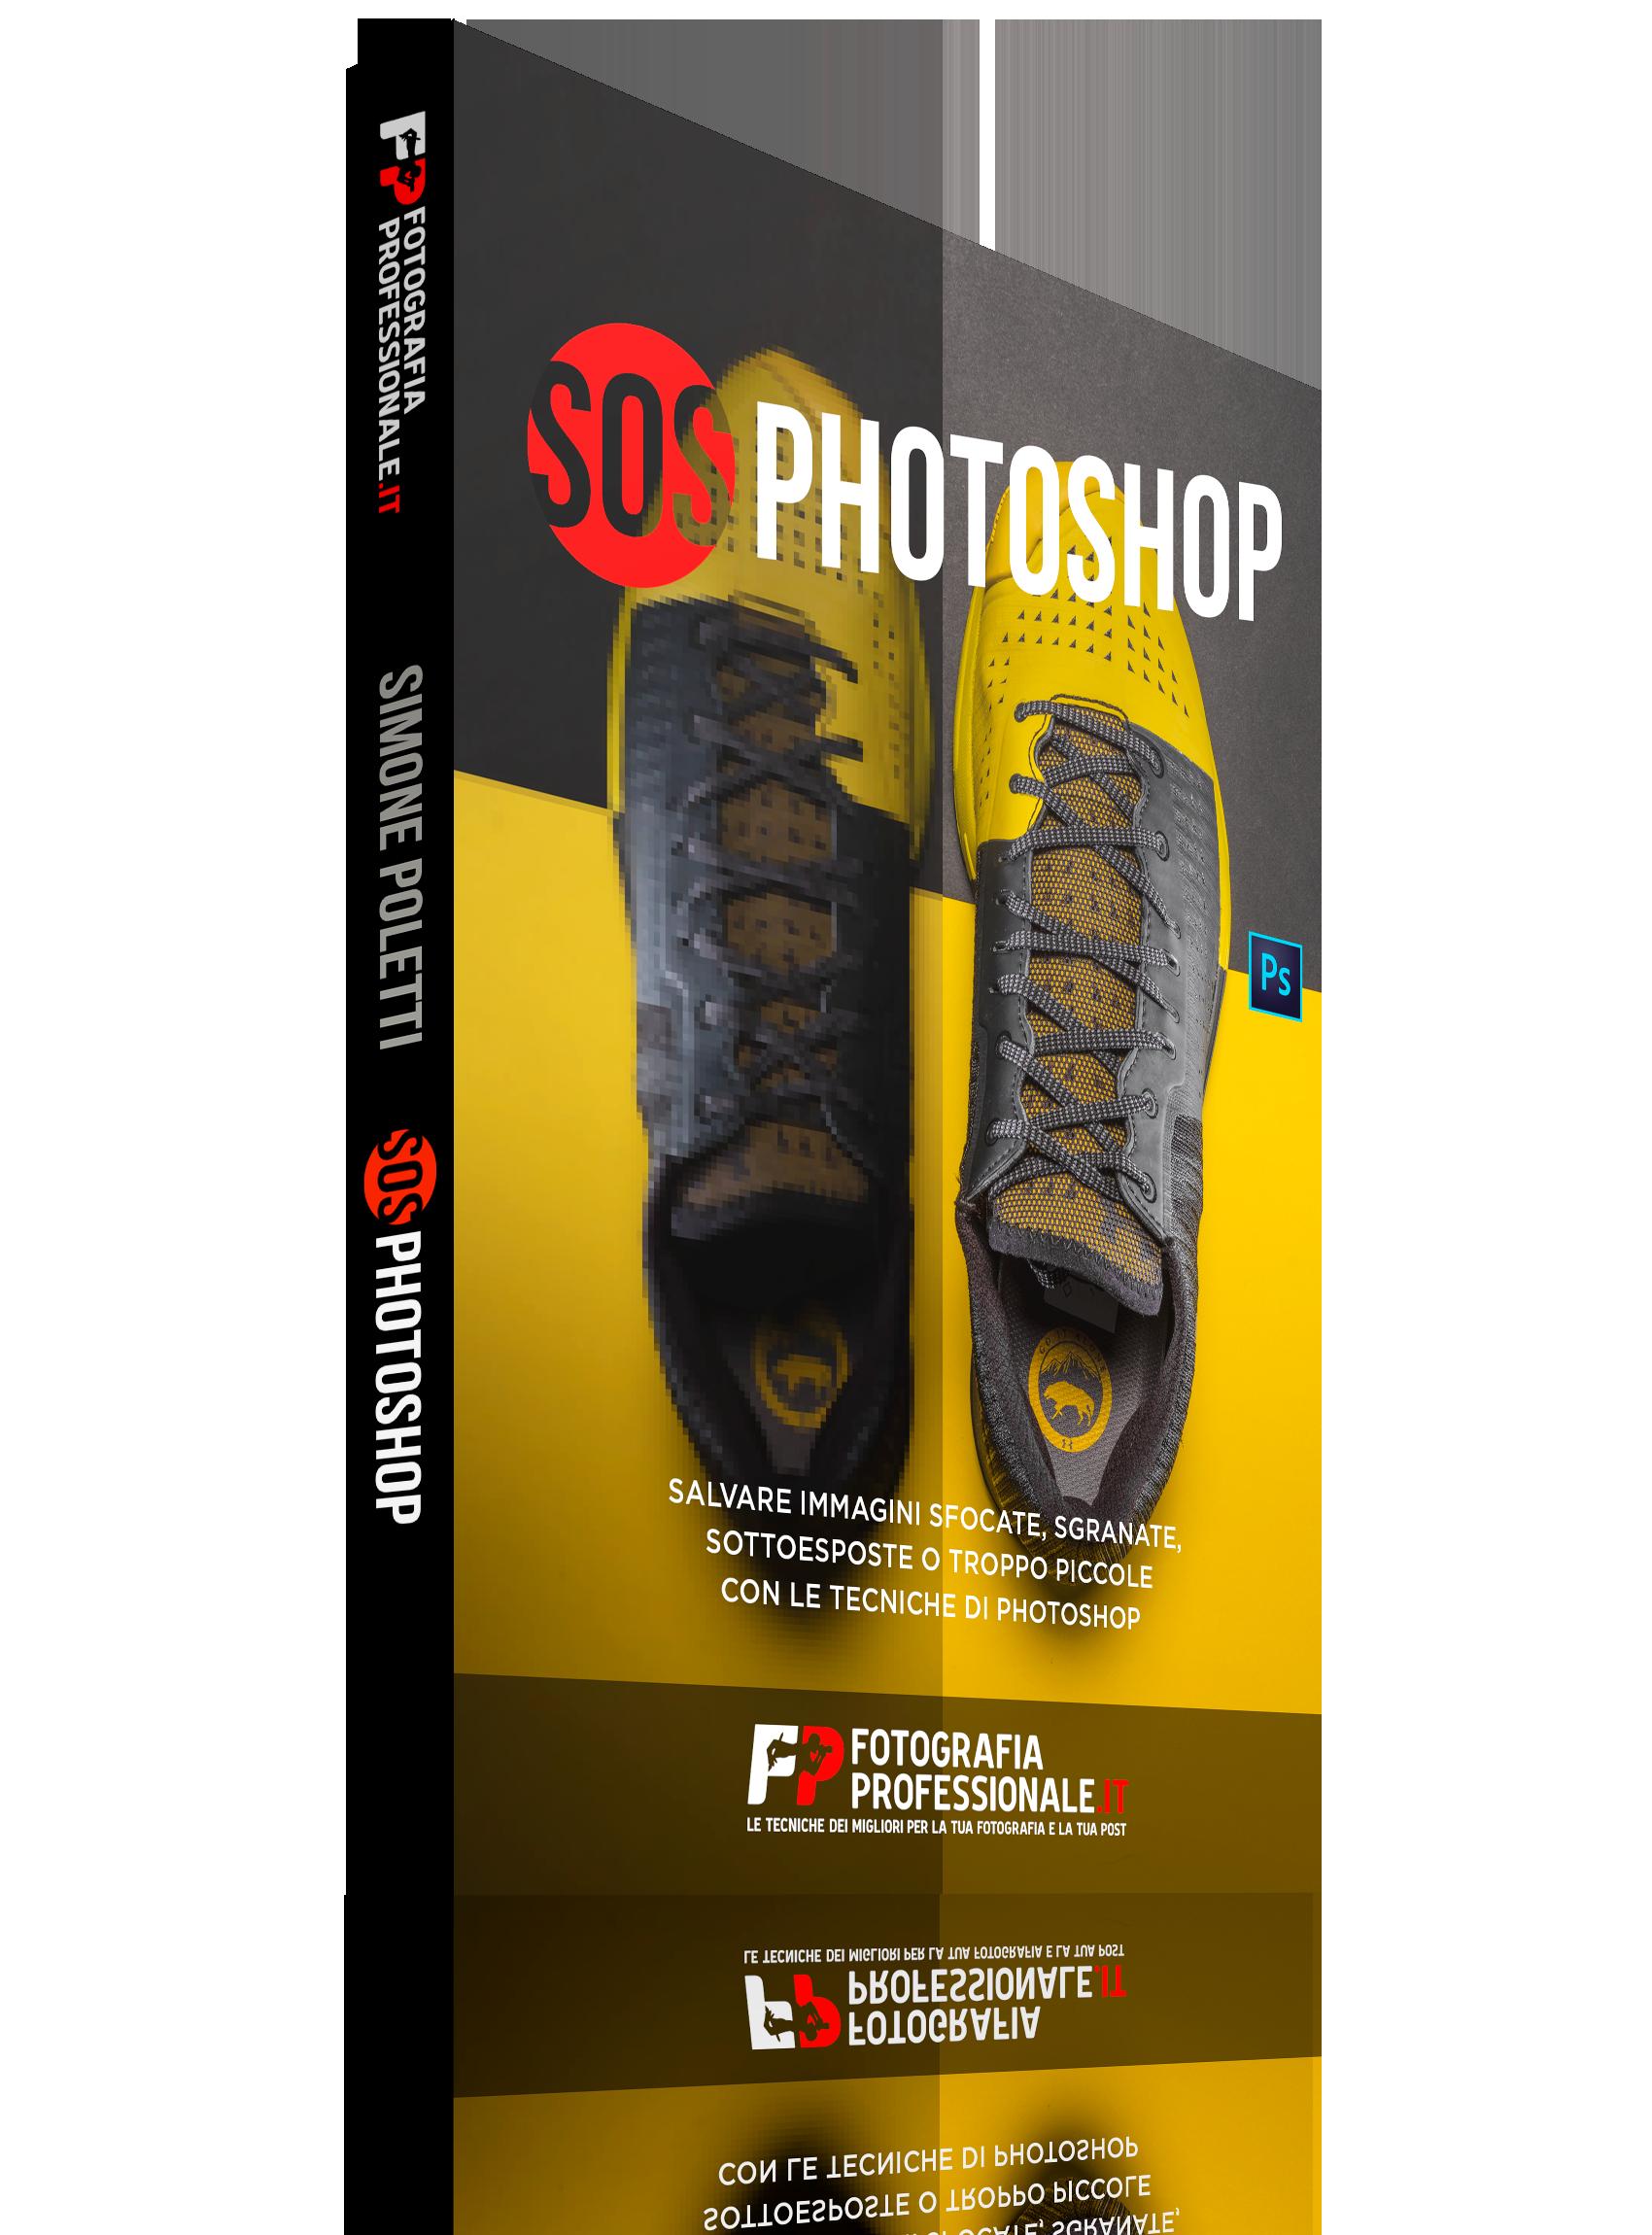 SOS Photoshop